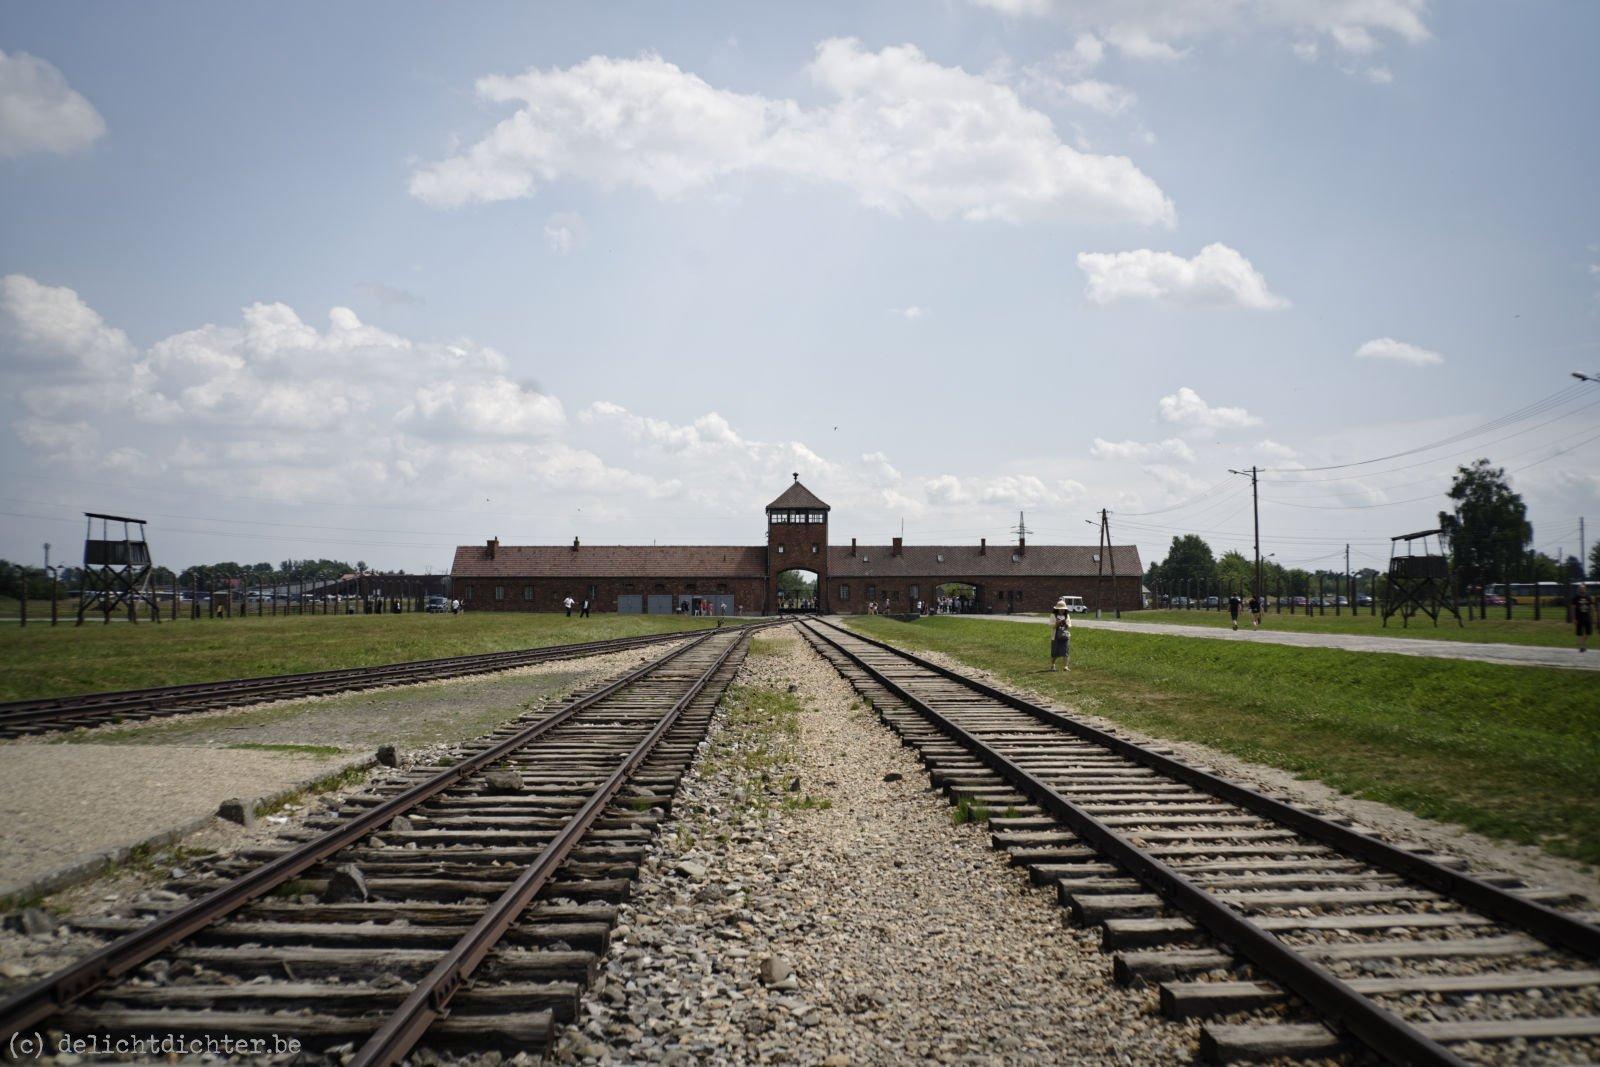 2018_06_Auschwitz_20180620_110613_DxO_PL1_1600px